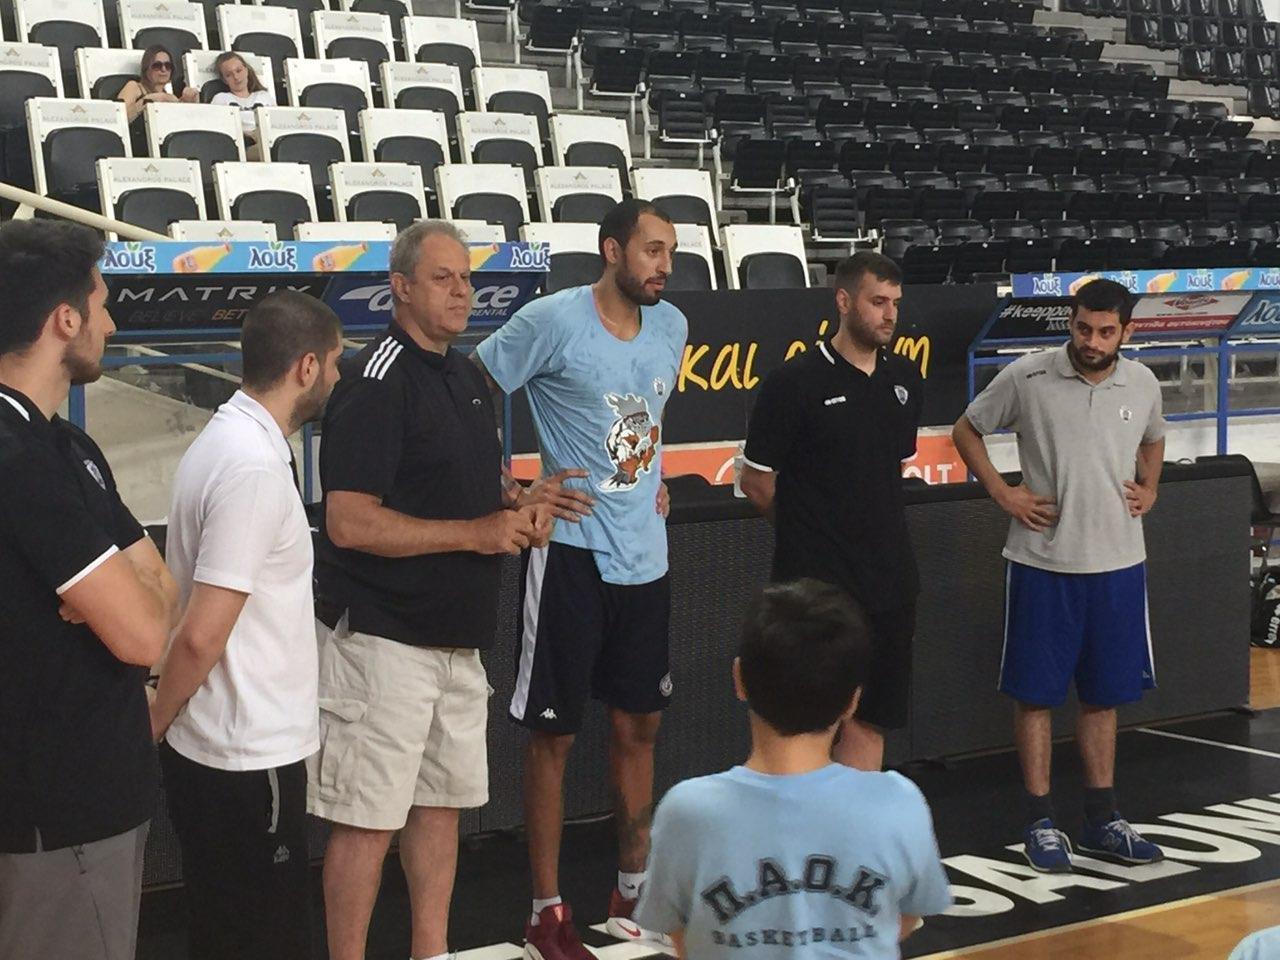 Summer_Basketball_Camp/camplin1.jpg